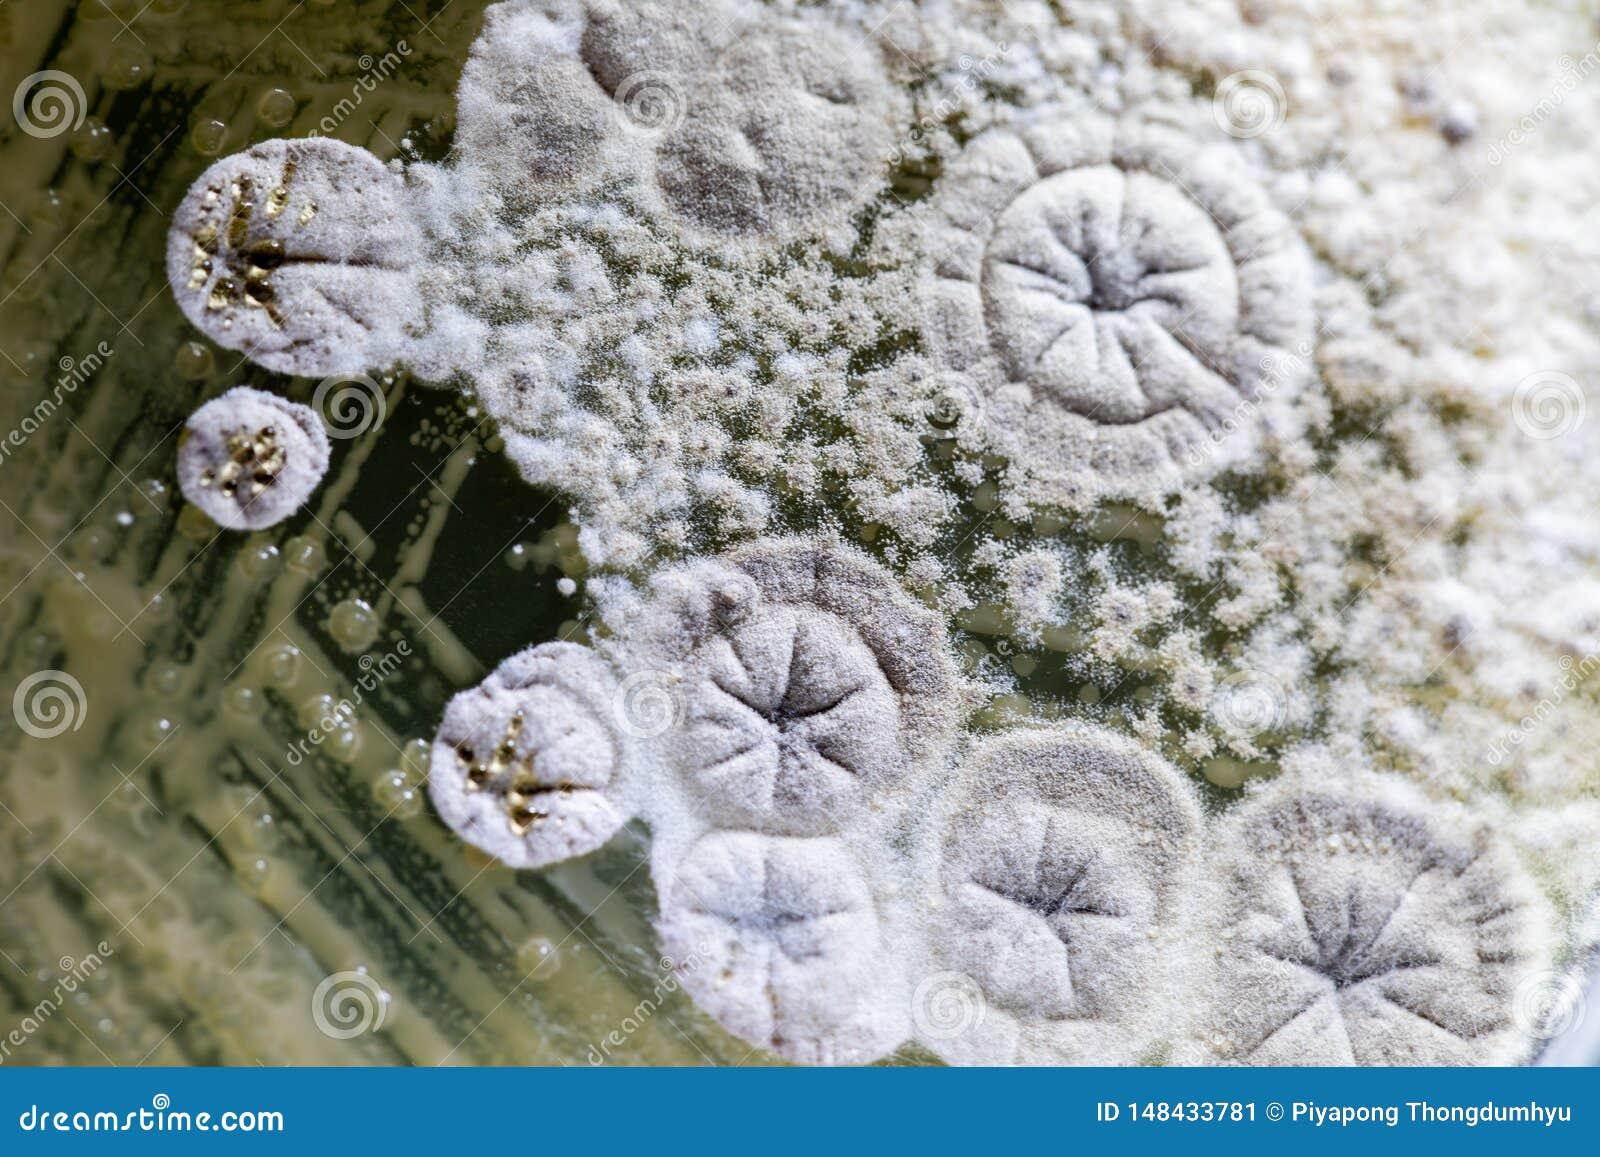 Formen Sie sch?nes, Kolonie von Eigenschaften der pilzartigen Form in der Kulturmediumplatte vom Labor